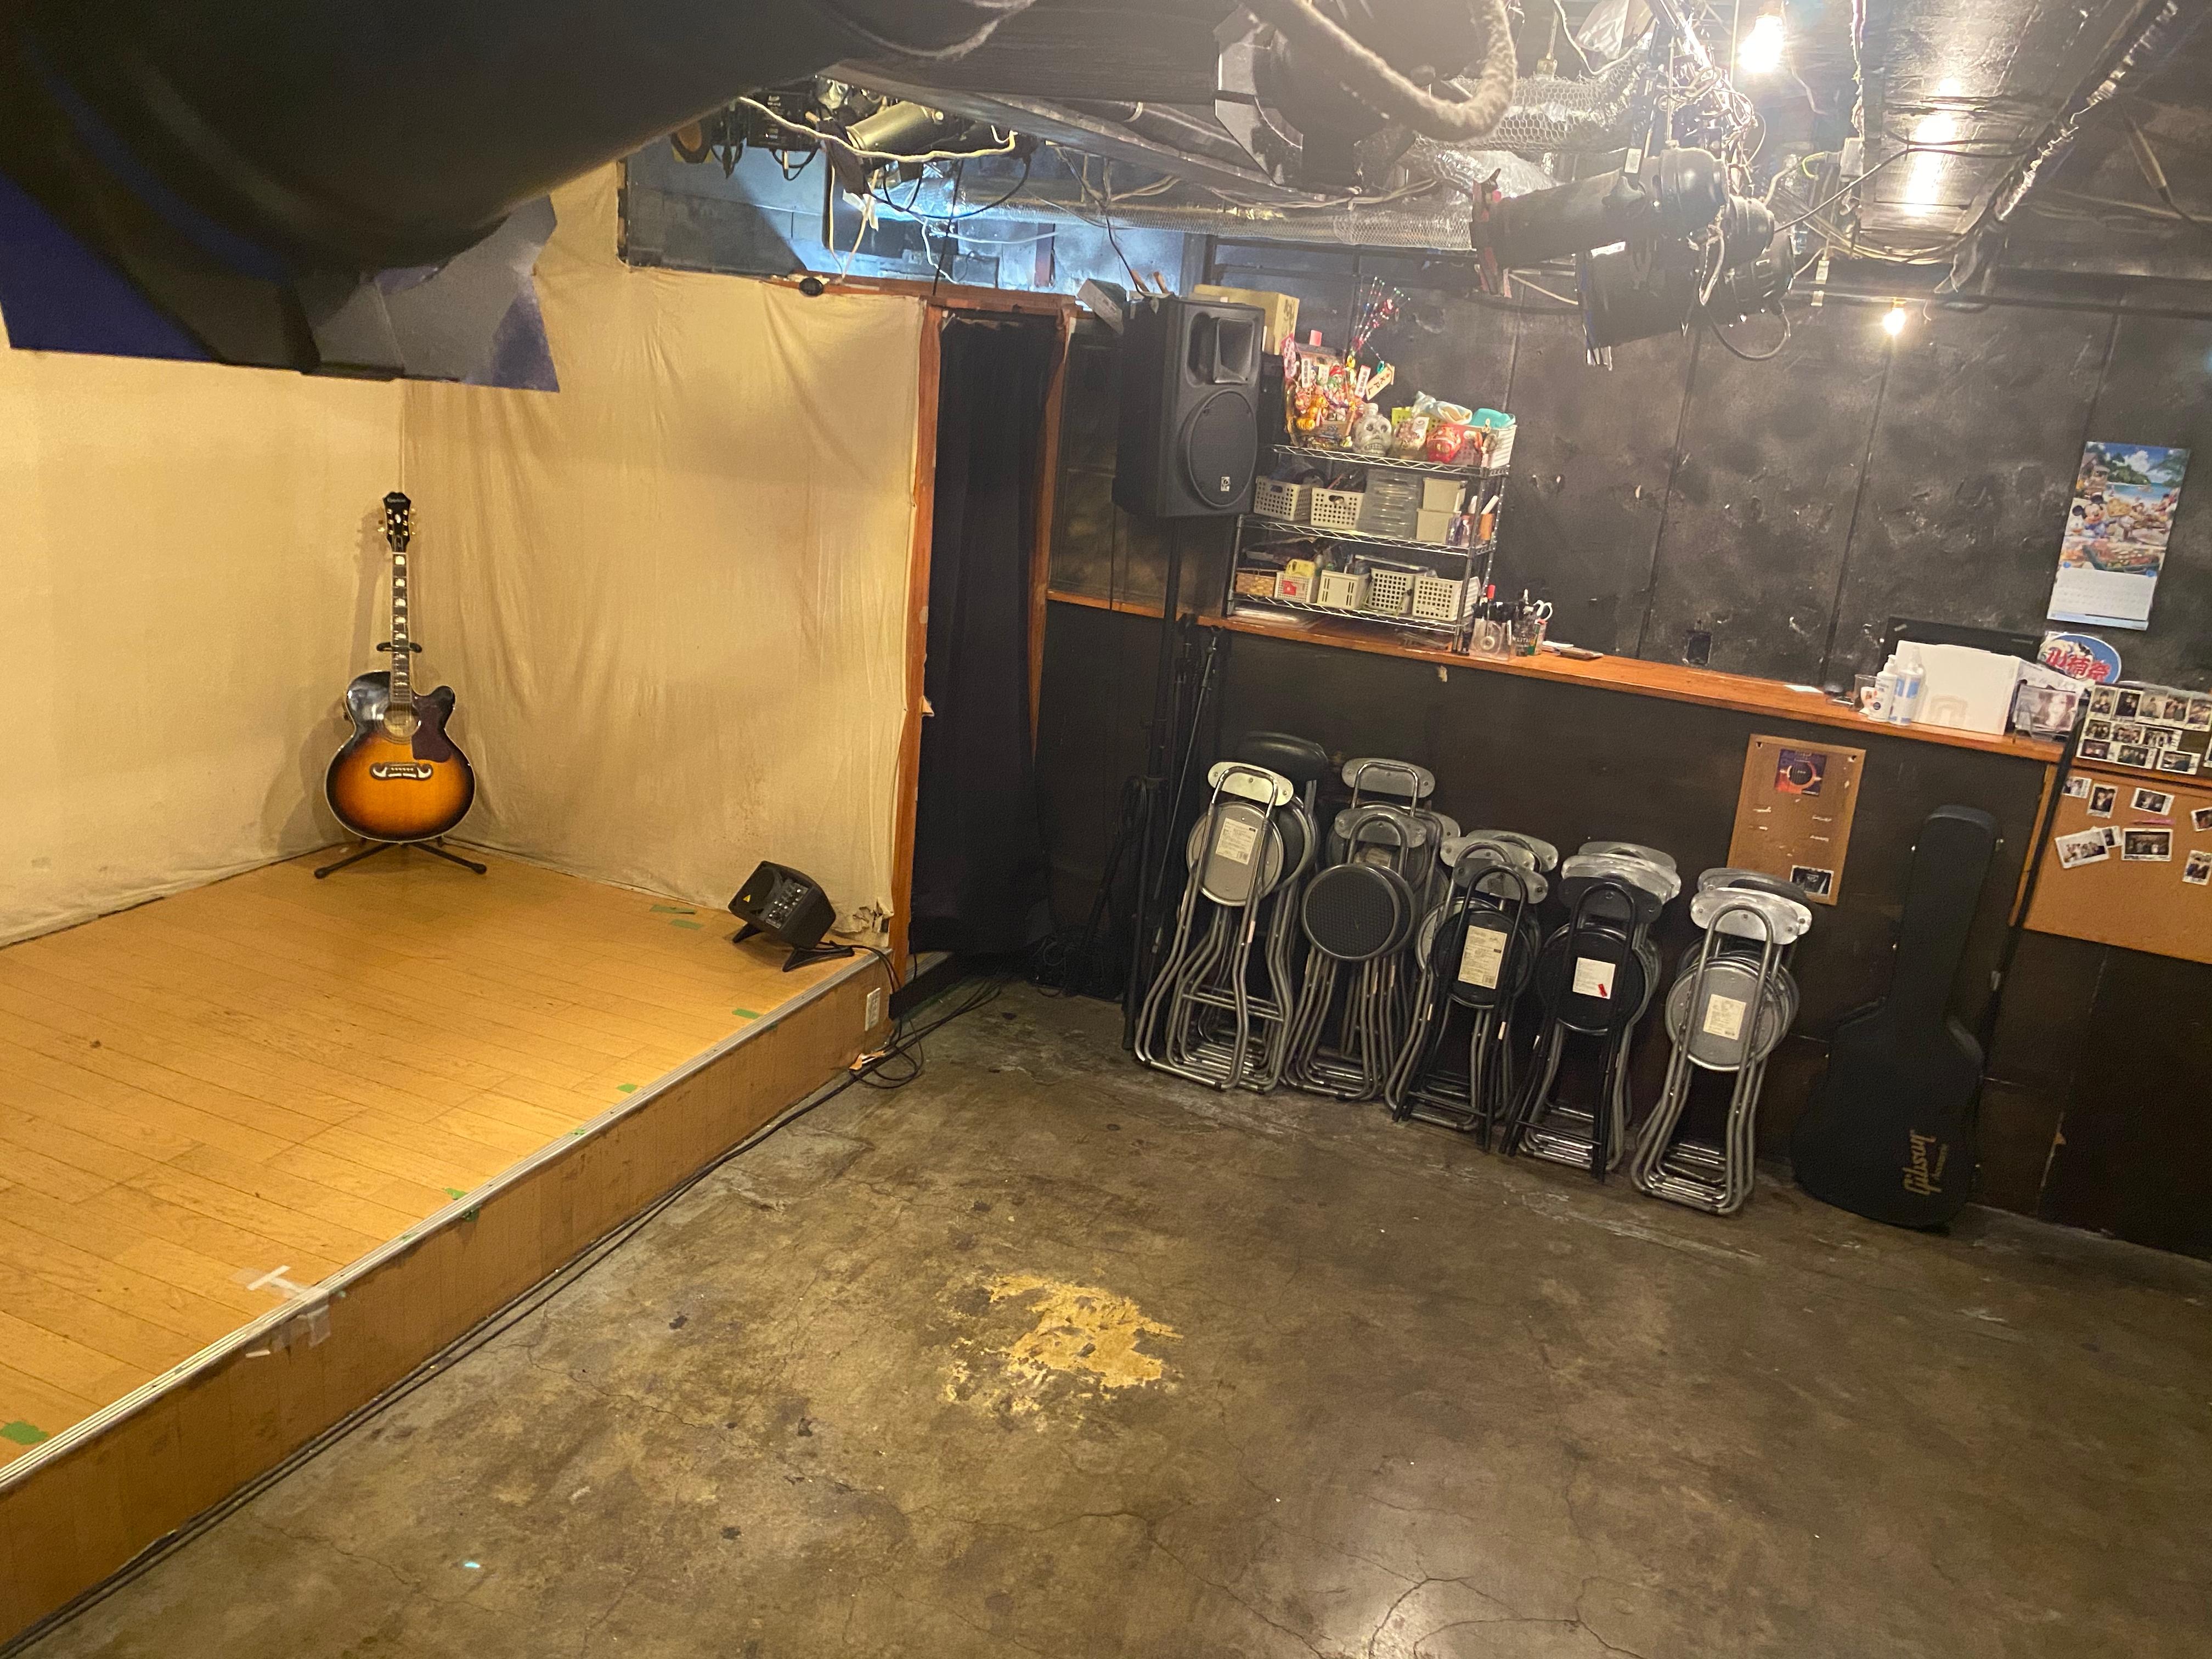 通常時 - 新大久保KPL イベントスペース、貸しスペースの室内の写真